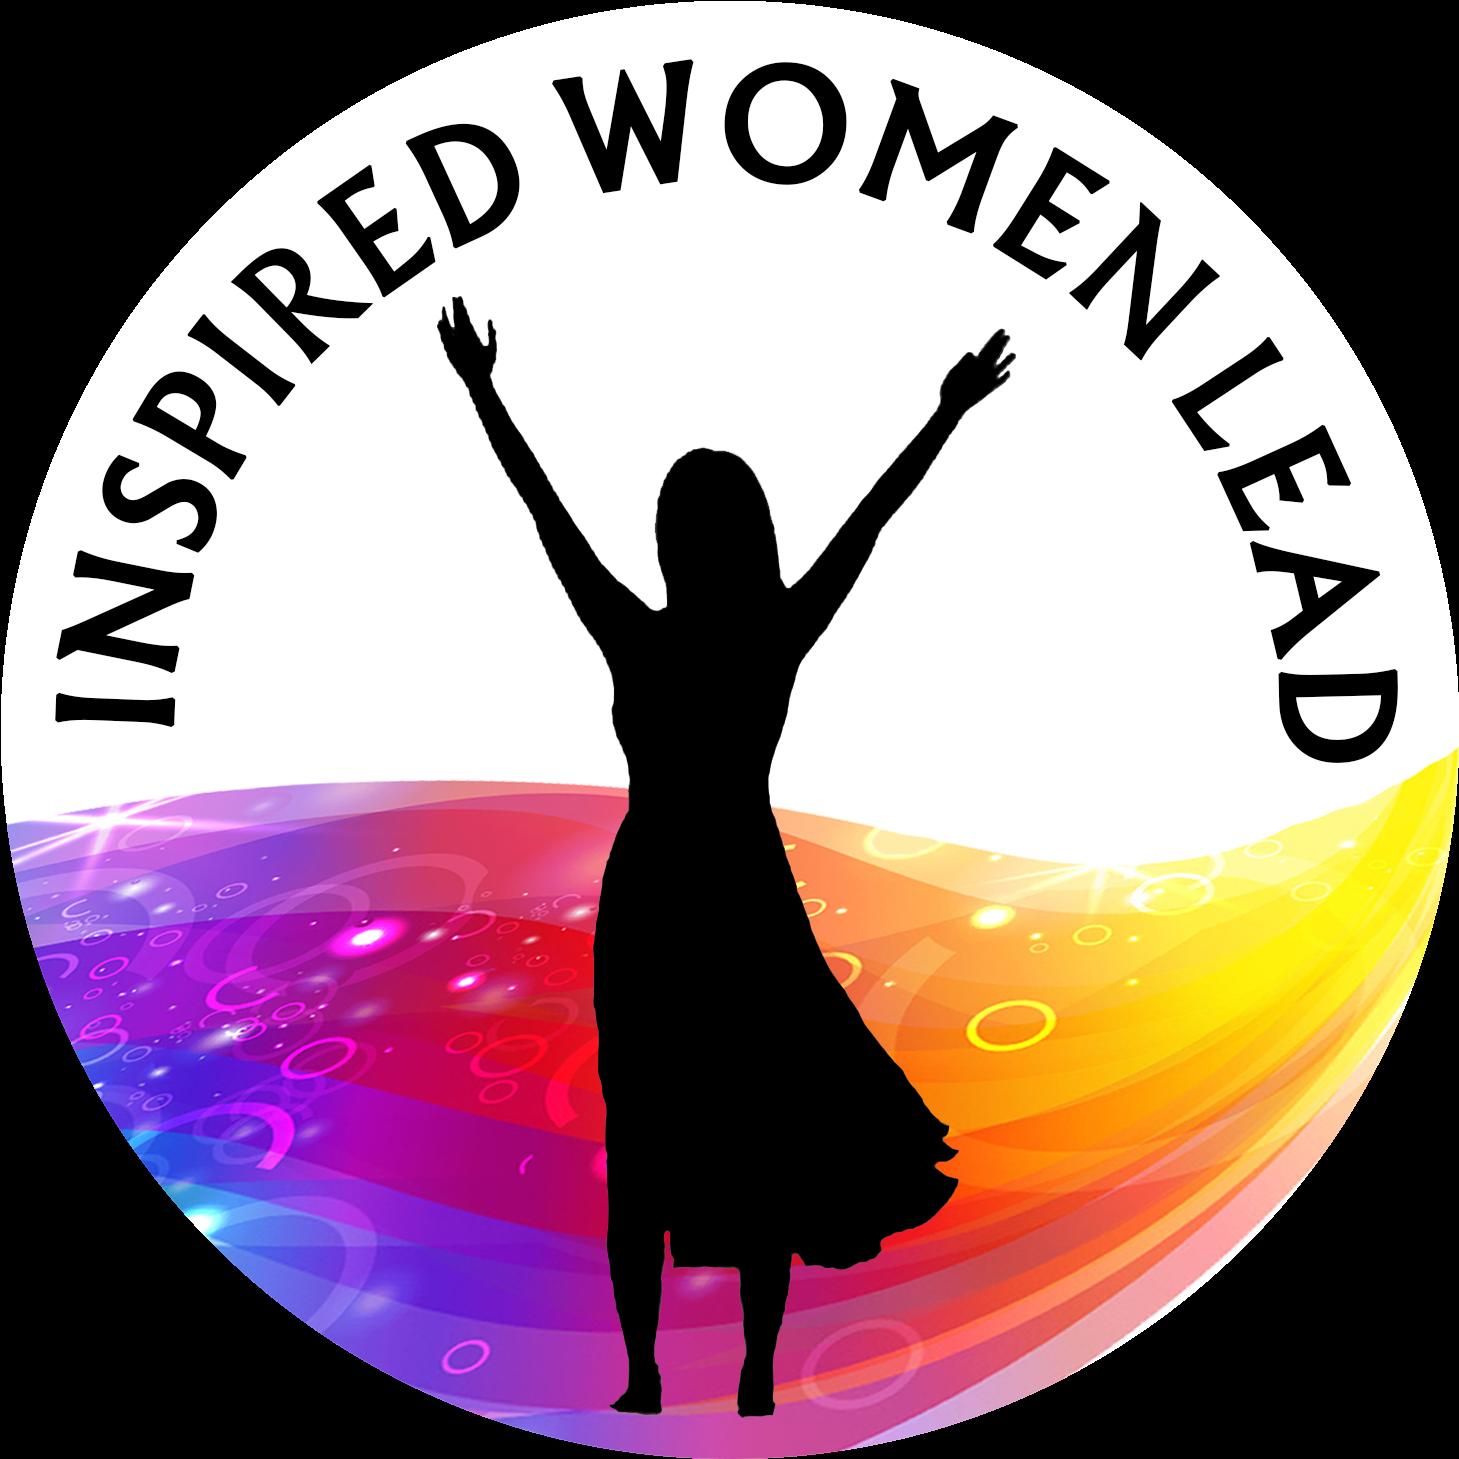 Inspired Women Lead.